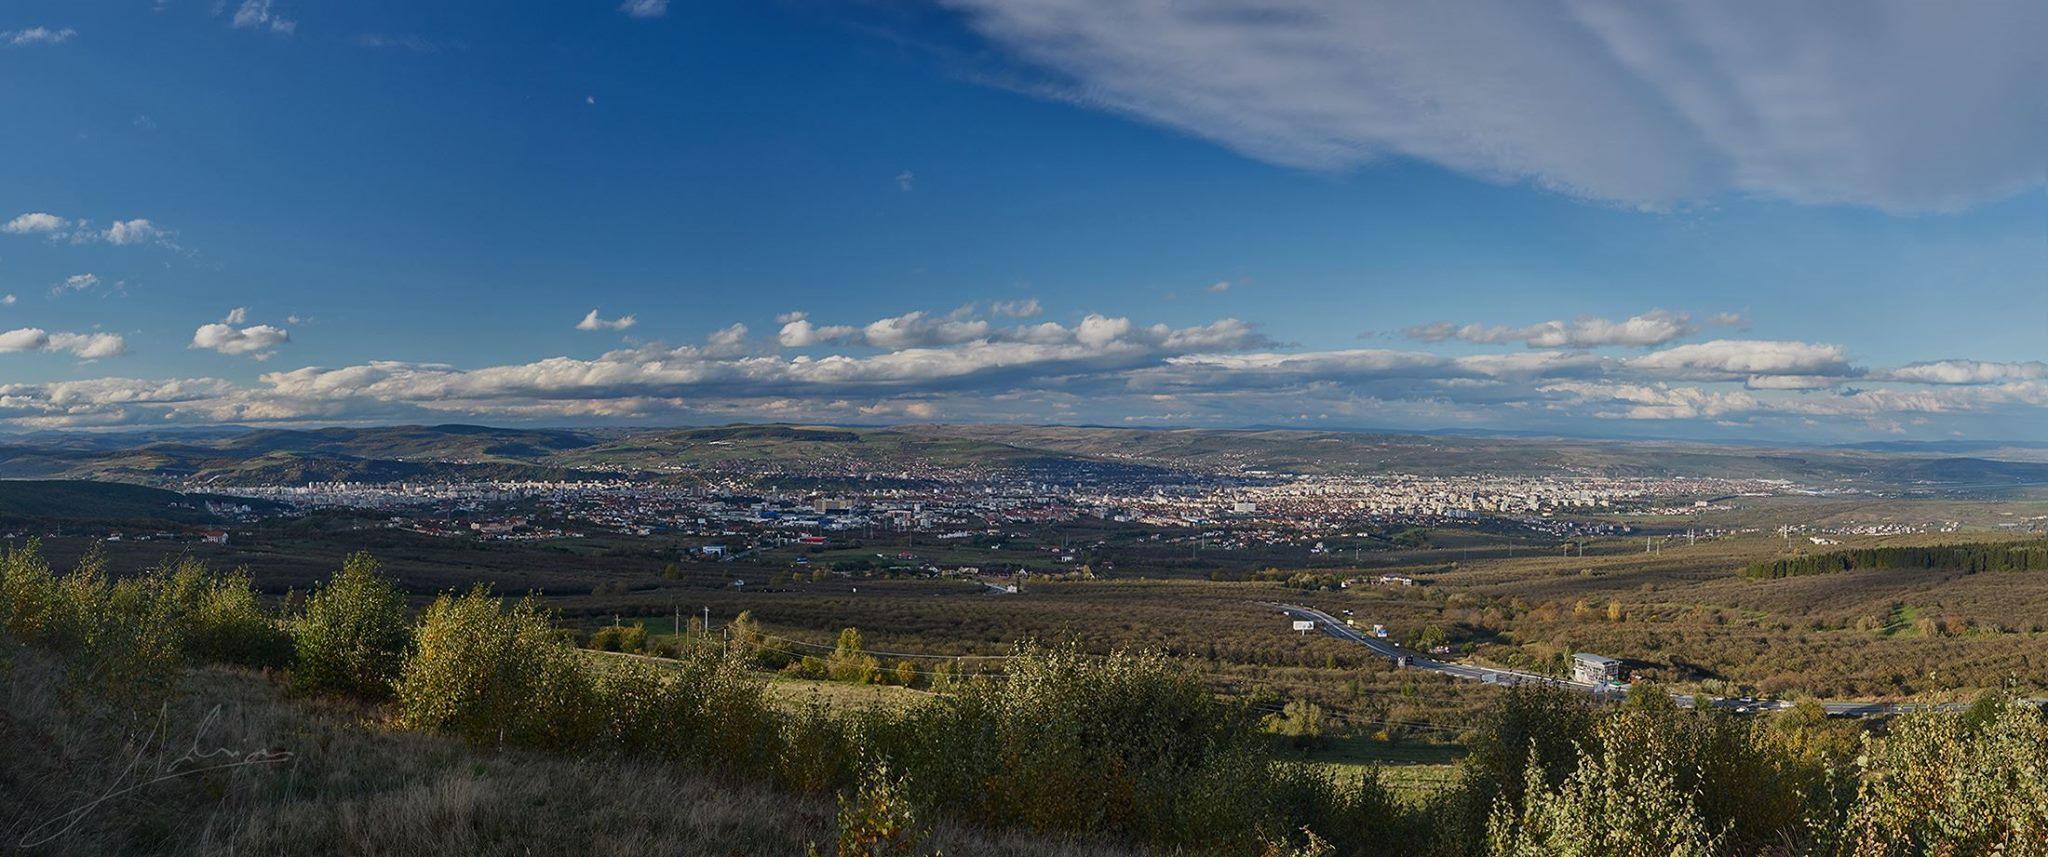 7 locuri de unde poți vedea Clujul panoramic feleac (1)